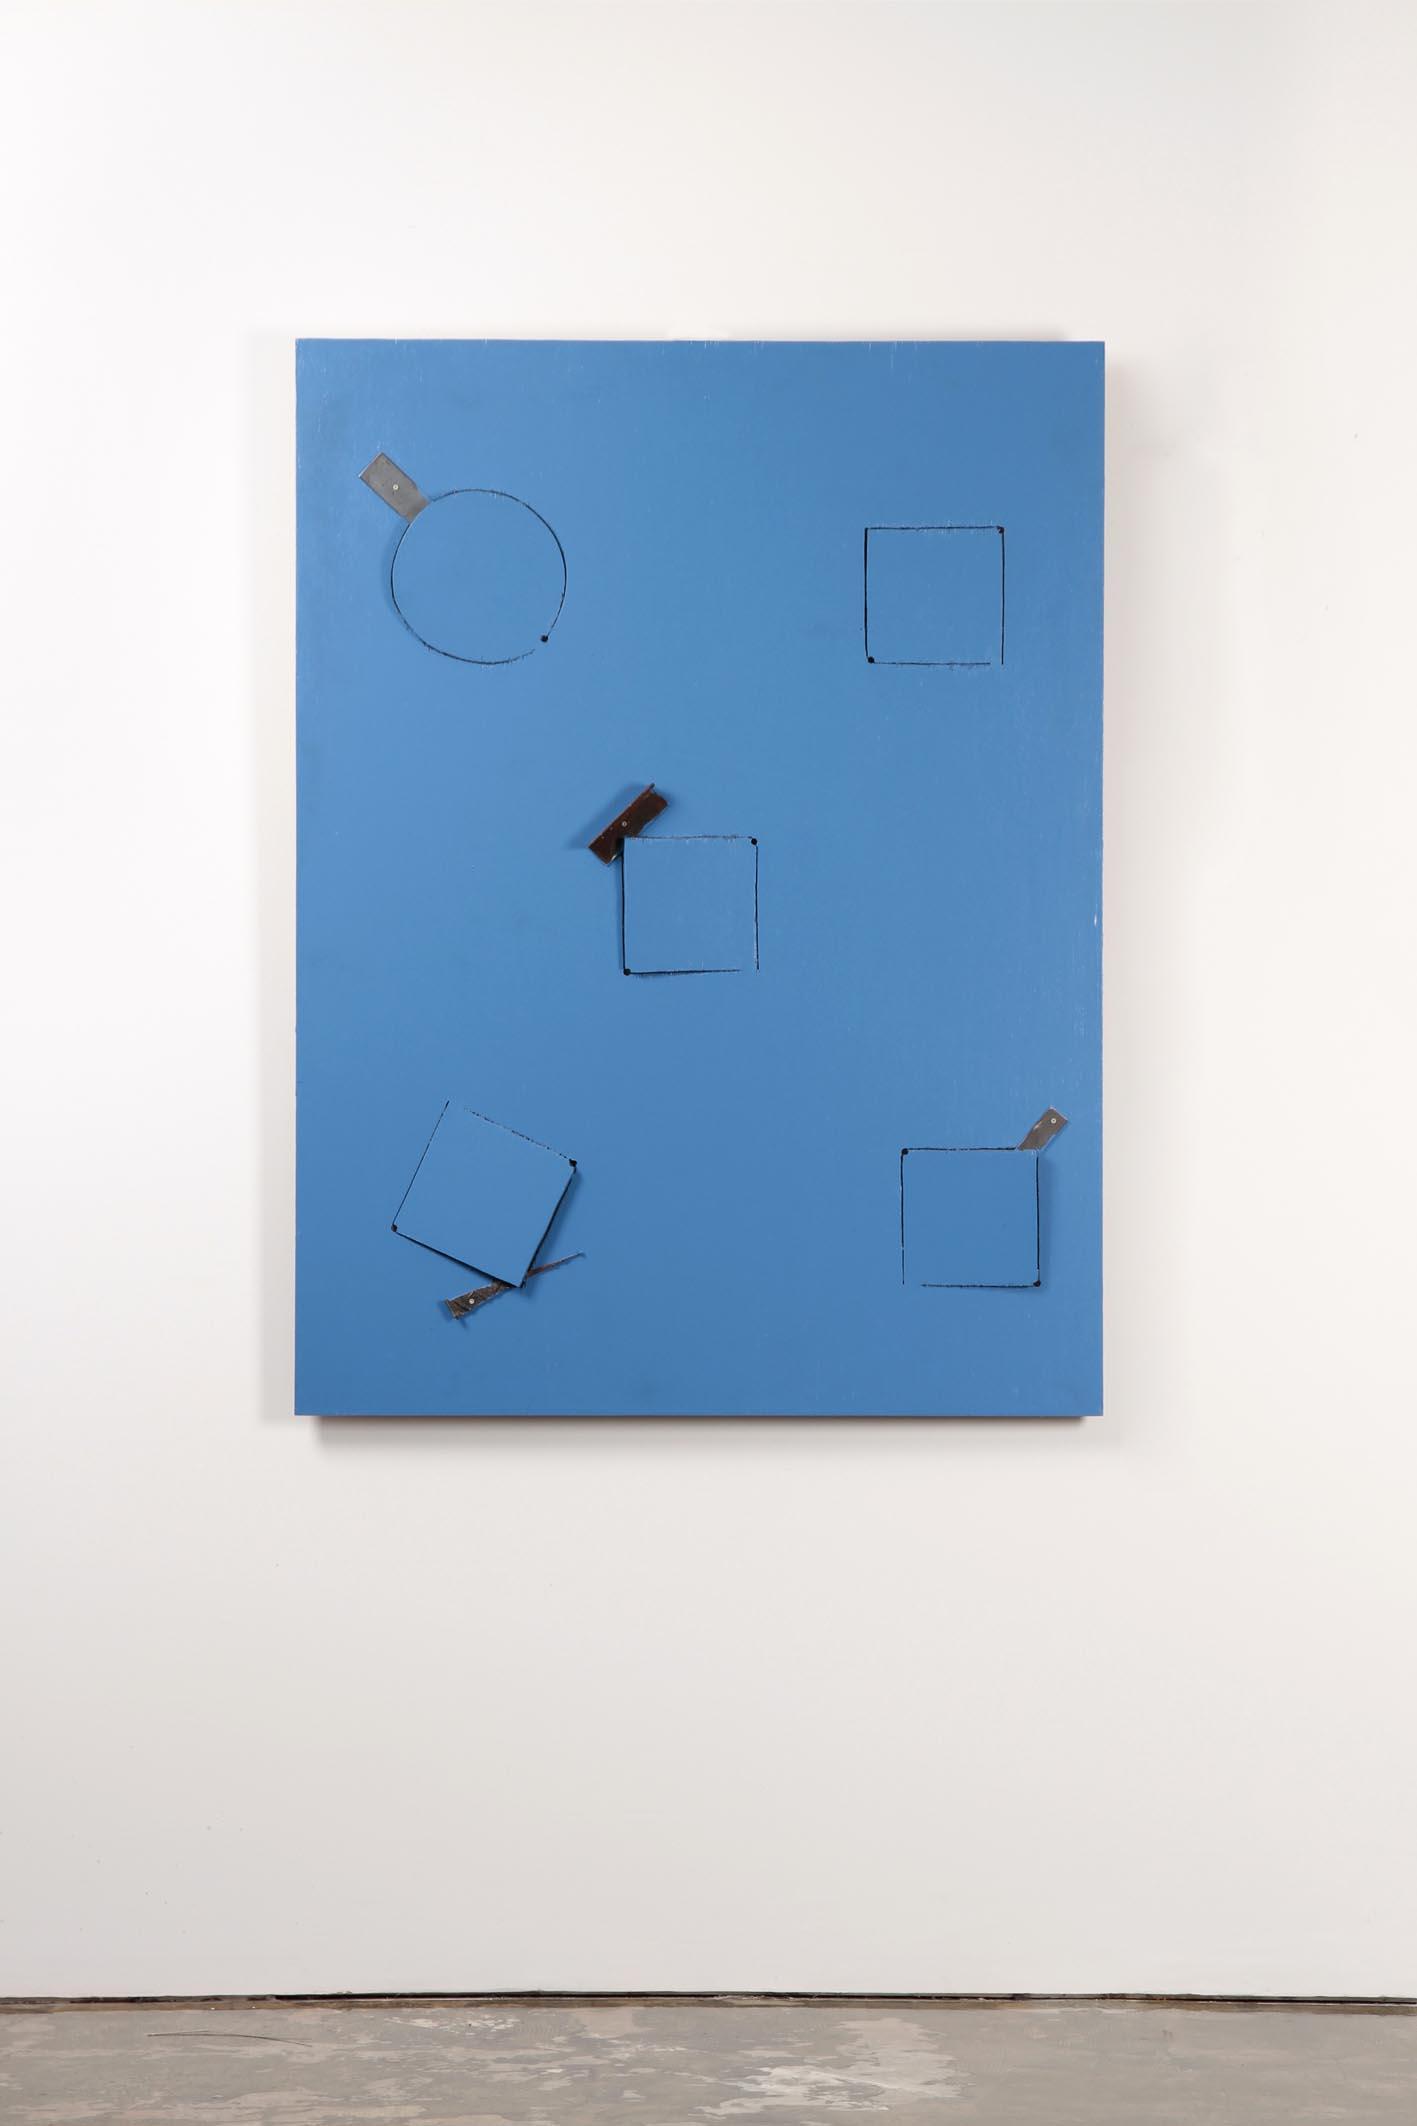 菅木志雄「構素景点支」1996年 120 x 90 cm Photograph by Jun Nomura